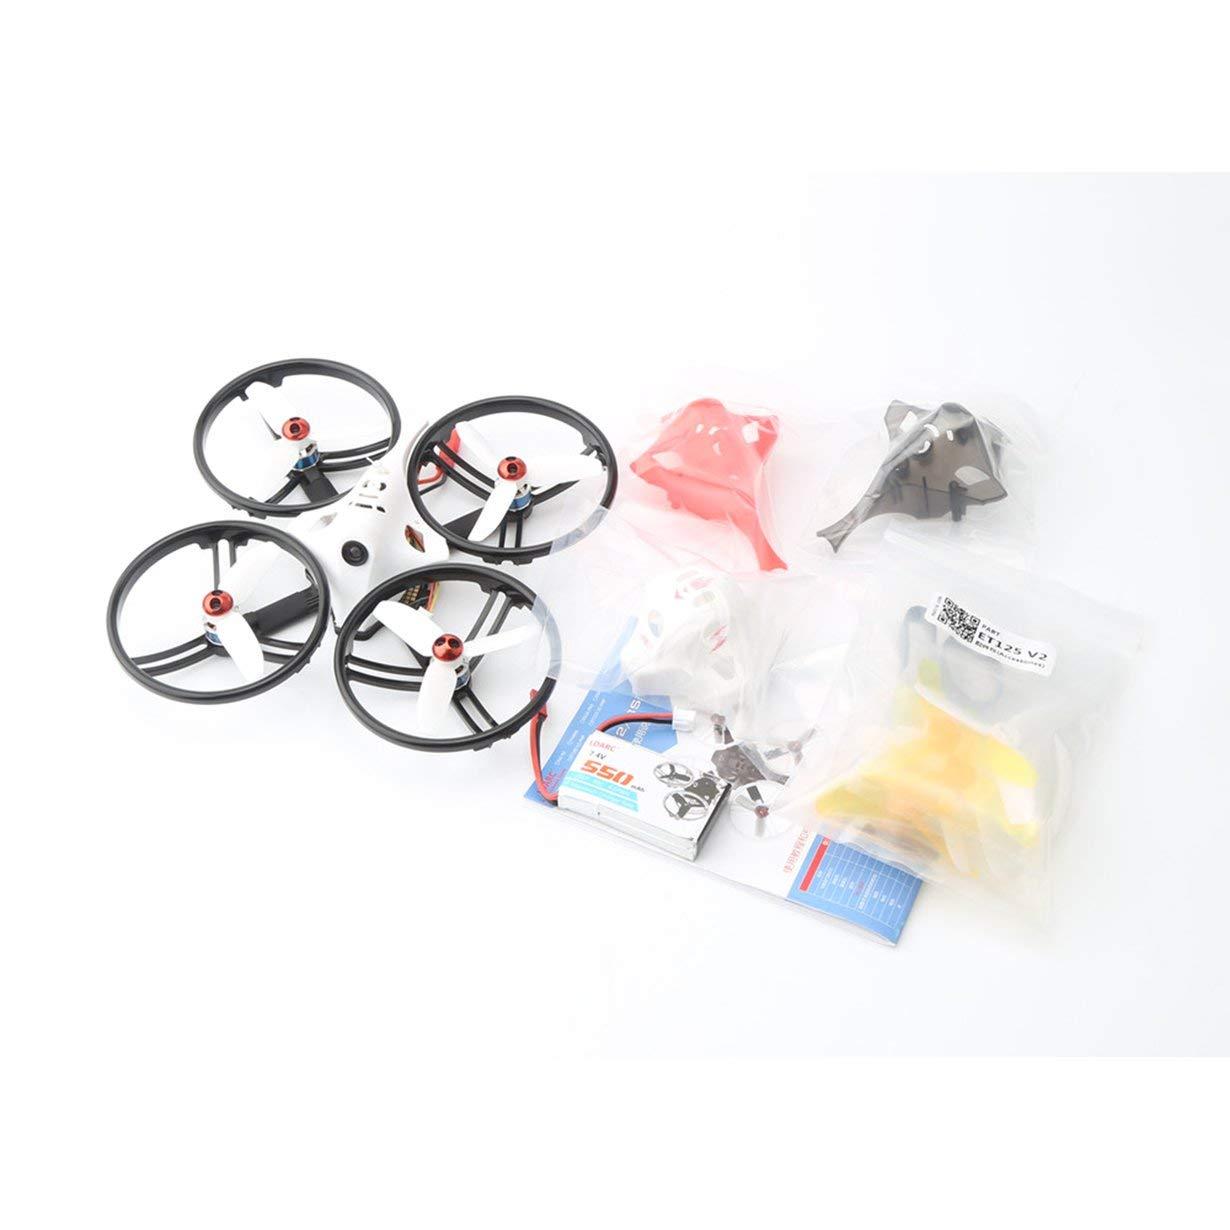 40% de descuento LDARC ET125 V2 5.8G OSD OSD OSD sin escobillas RX2A Pro RX CAM Mini FPV RC Racing Drone PNP (Anillo Negro)  están haciendo actividades de descuento